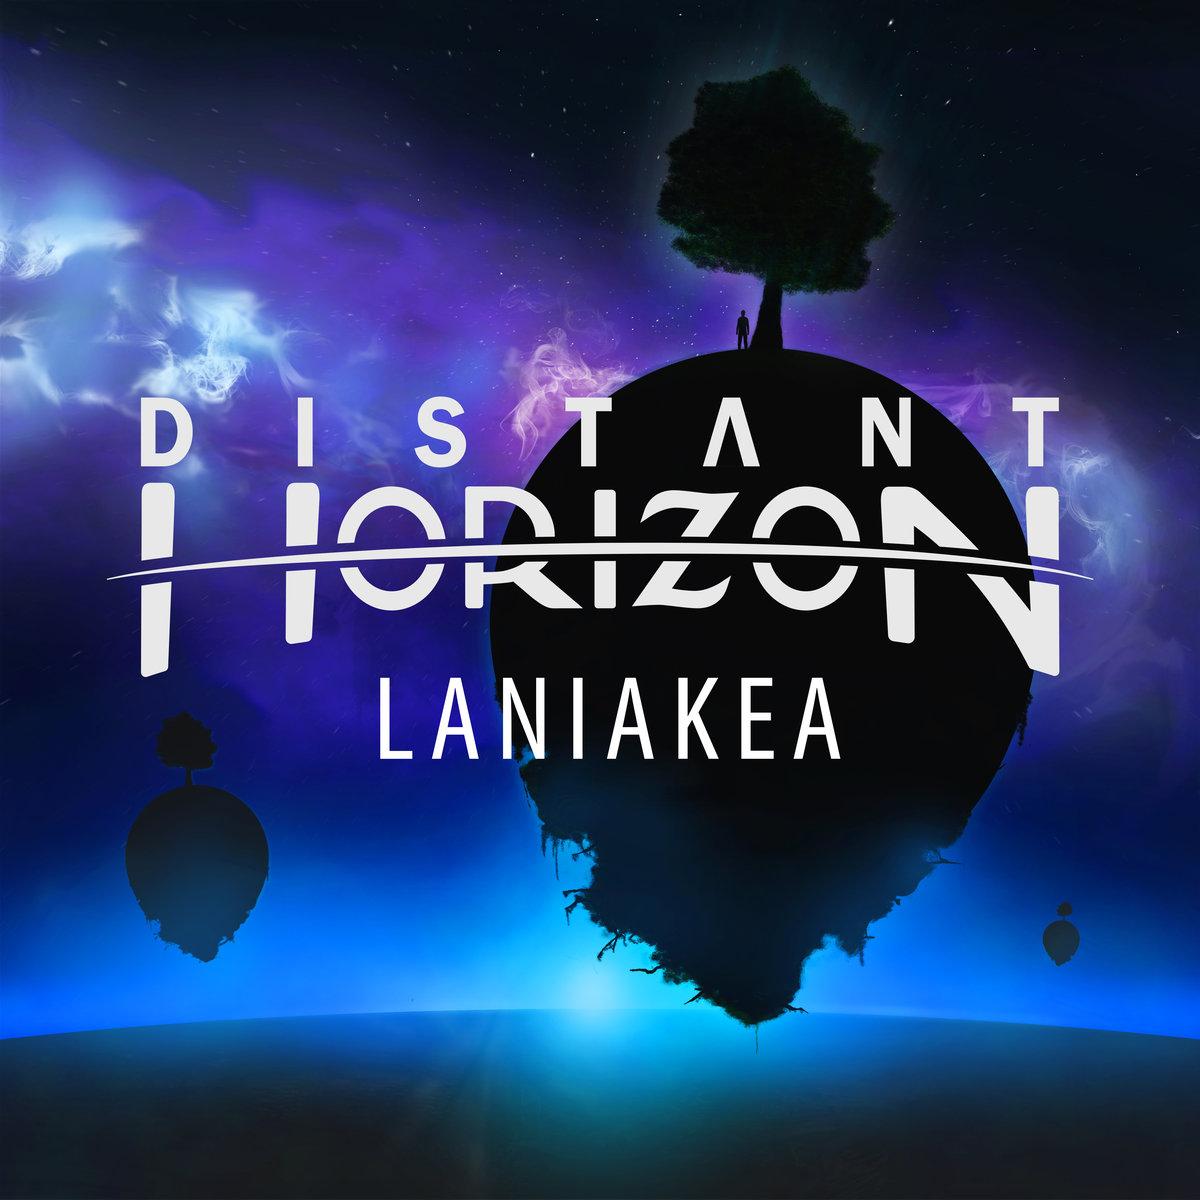 Distant Horizon - Laniakea